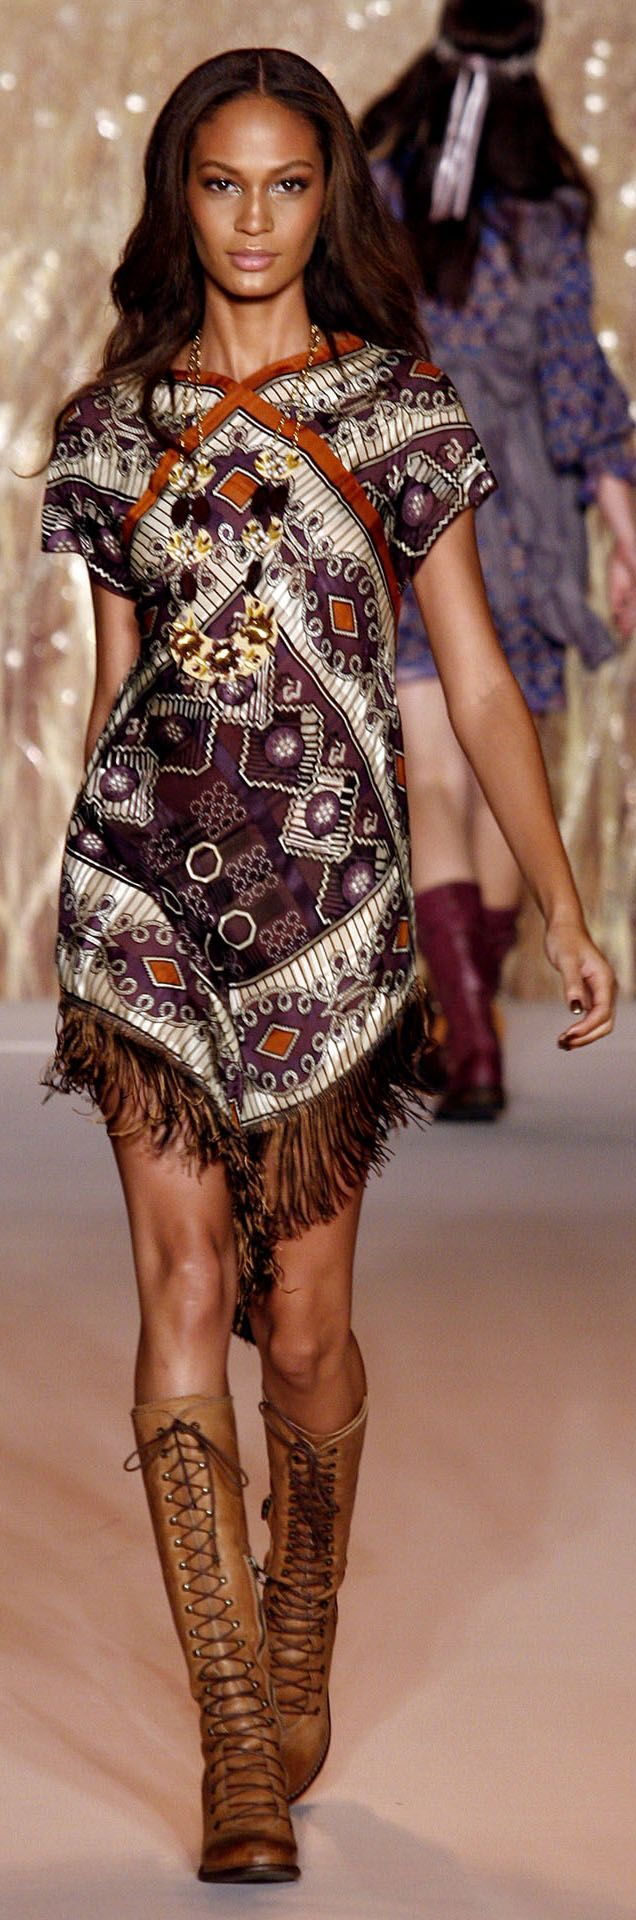 Native american fashion trend 20